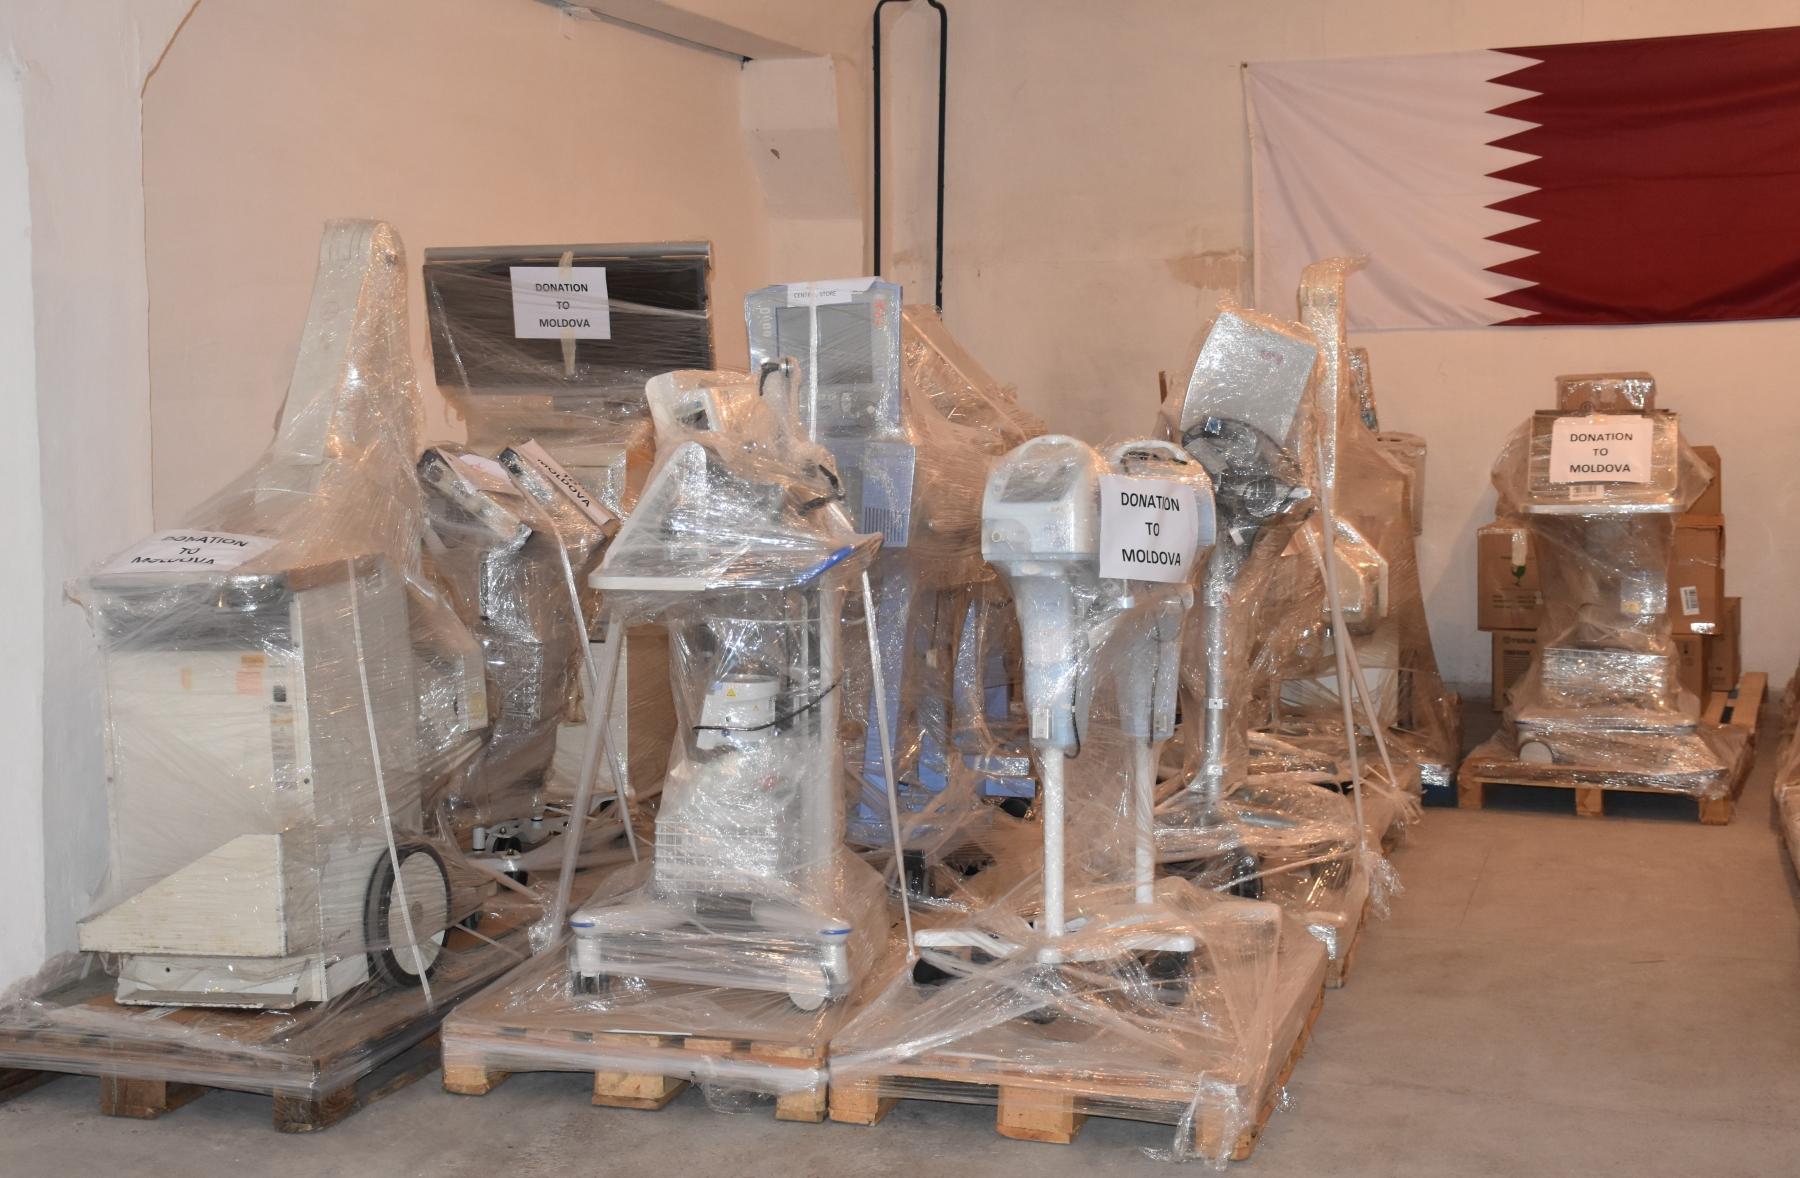 Катар предоставил Молдове 20аппаратов ИВЛ идругое оборудование для лечения больных коронавирусом